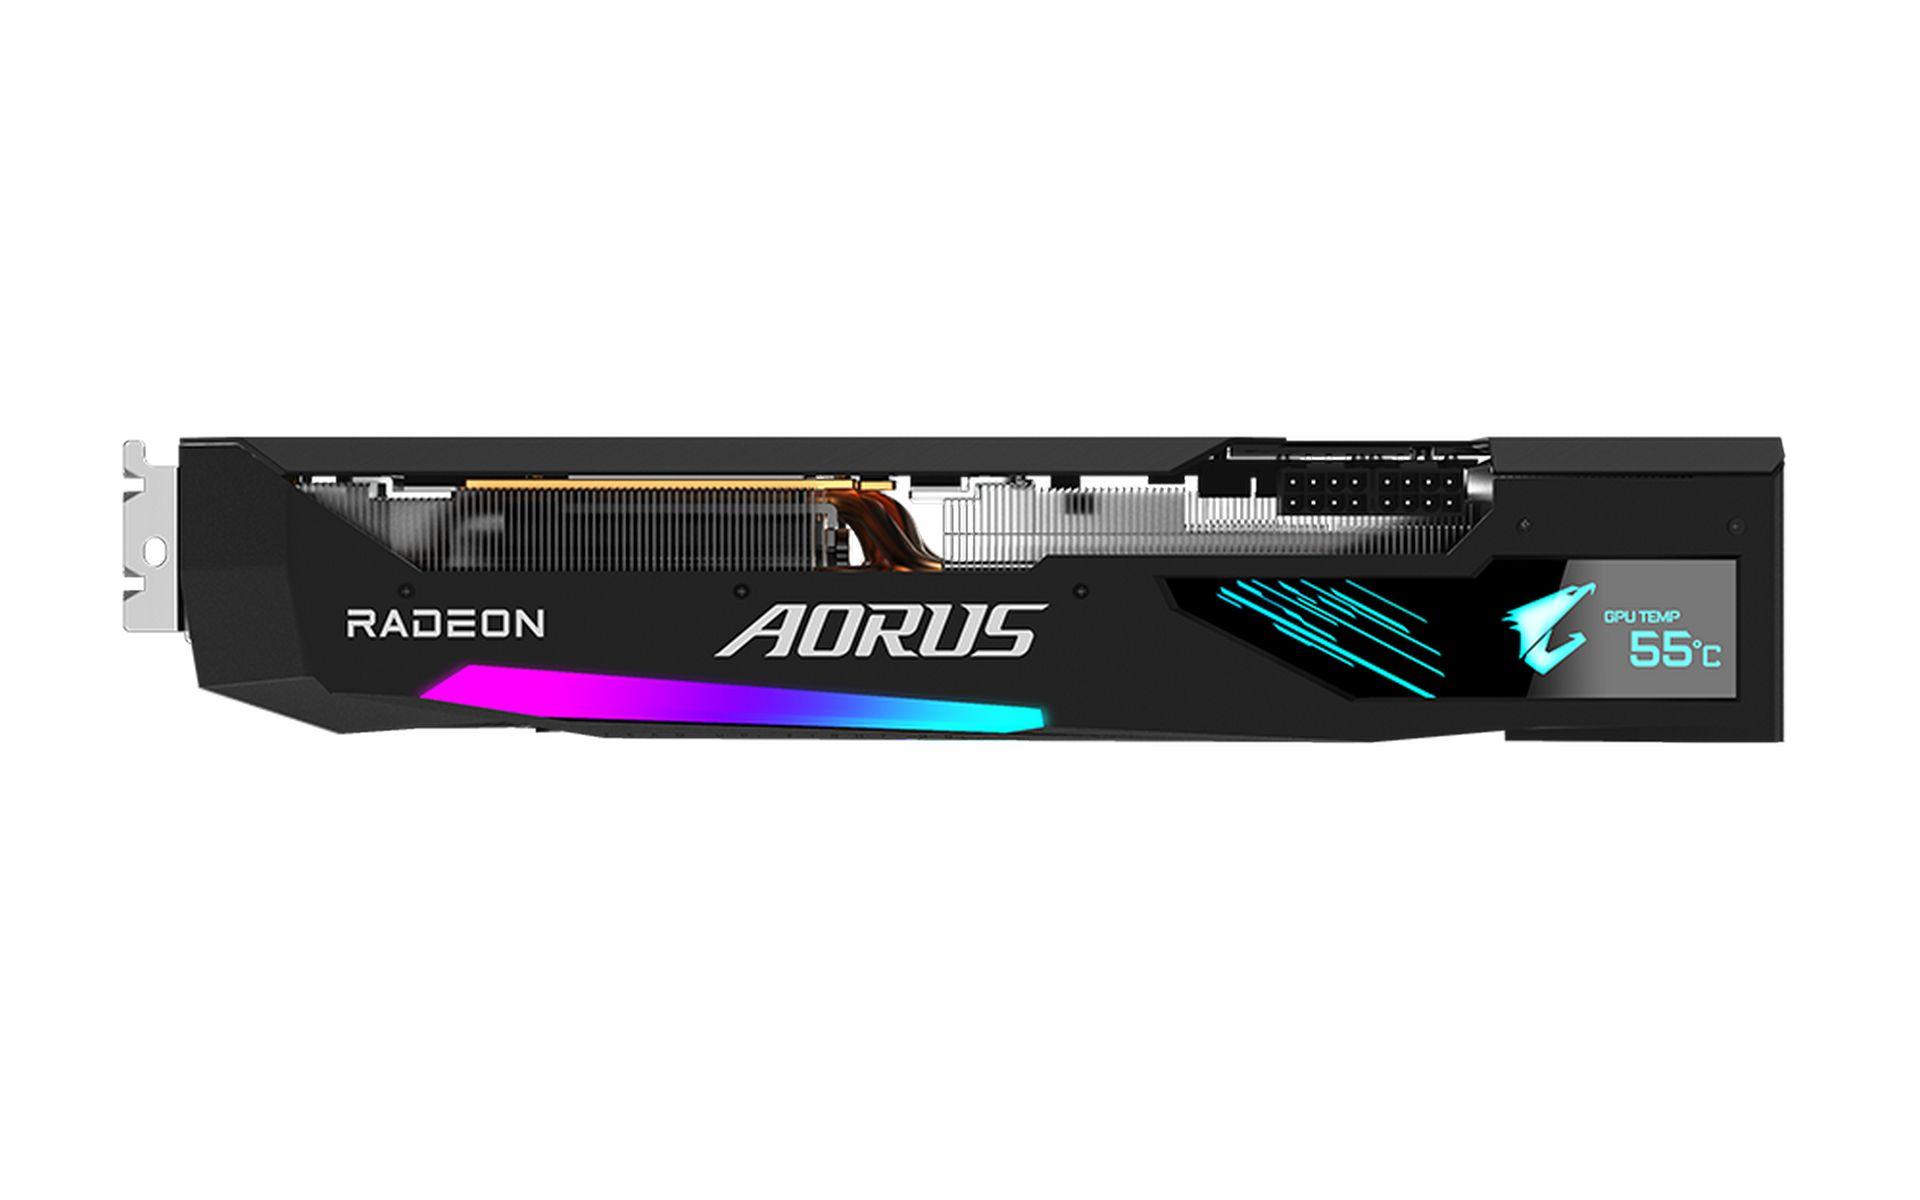 Một màn hình LCD mạnh mẽ được nhúng vào mặt bên của cạc đồ họa Gigabyte AORUS Radeon RX 6800 XT MASTER 16G